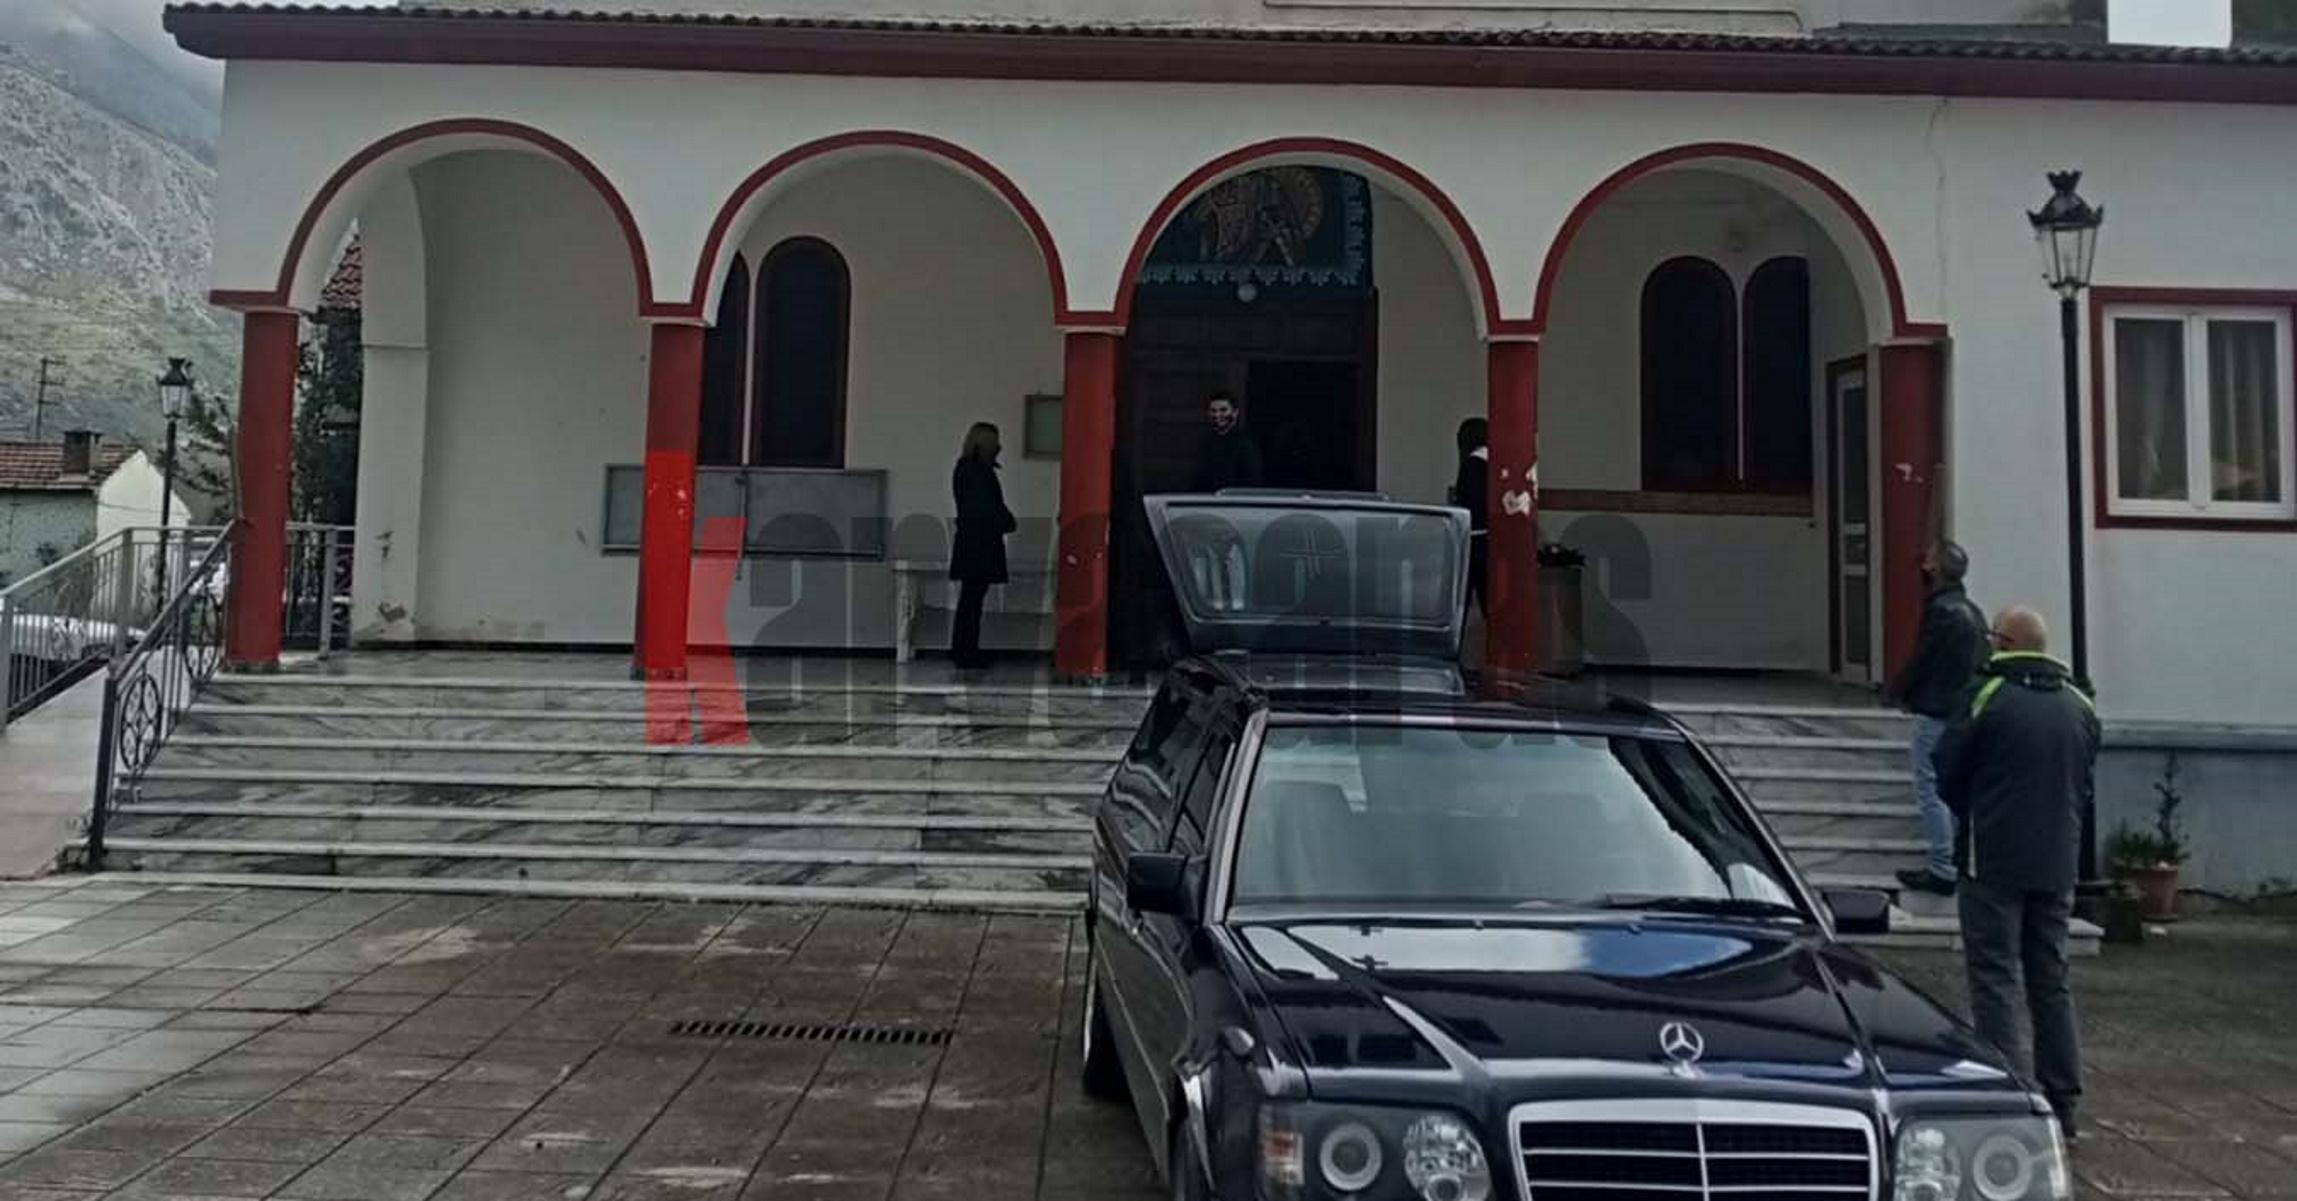 Αιτωλοακαρνανία: Ανείπωτη θλίψη στην κηδεία του 91χρονου που δολοφονήθηκε μέσα στο σπίτι του (pics)